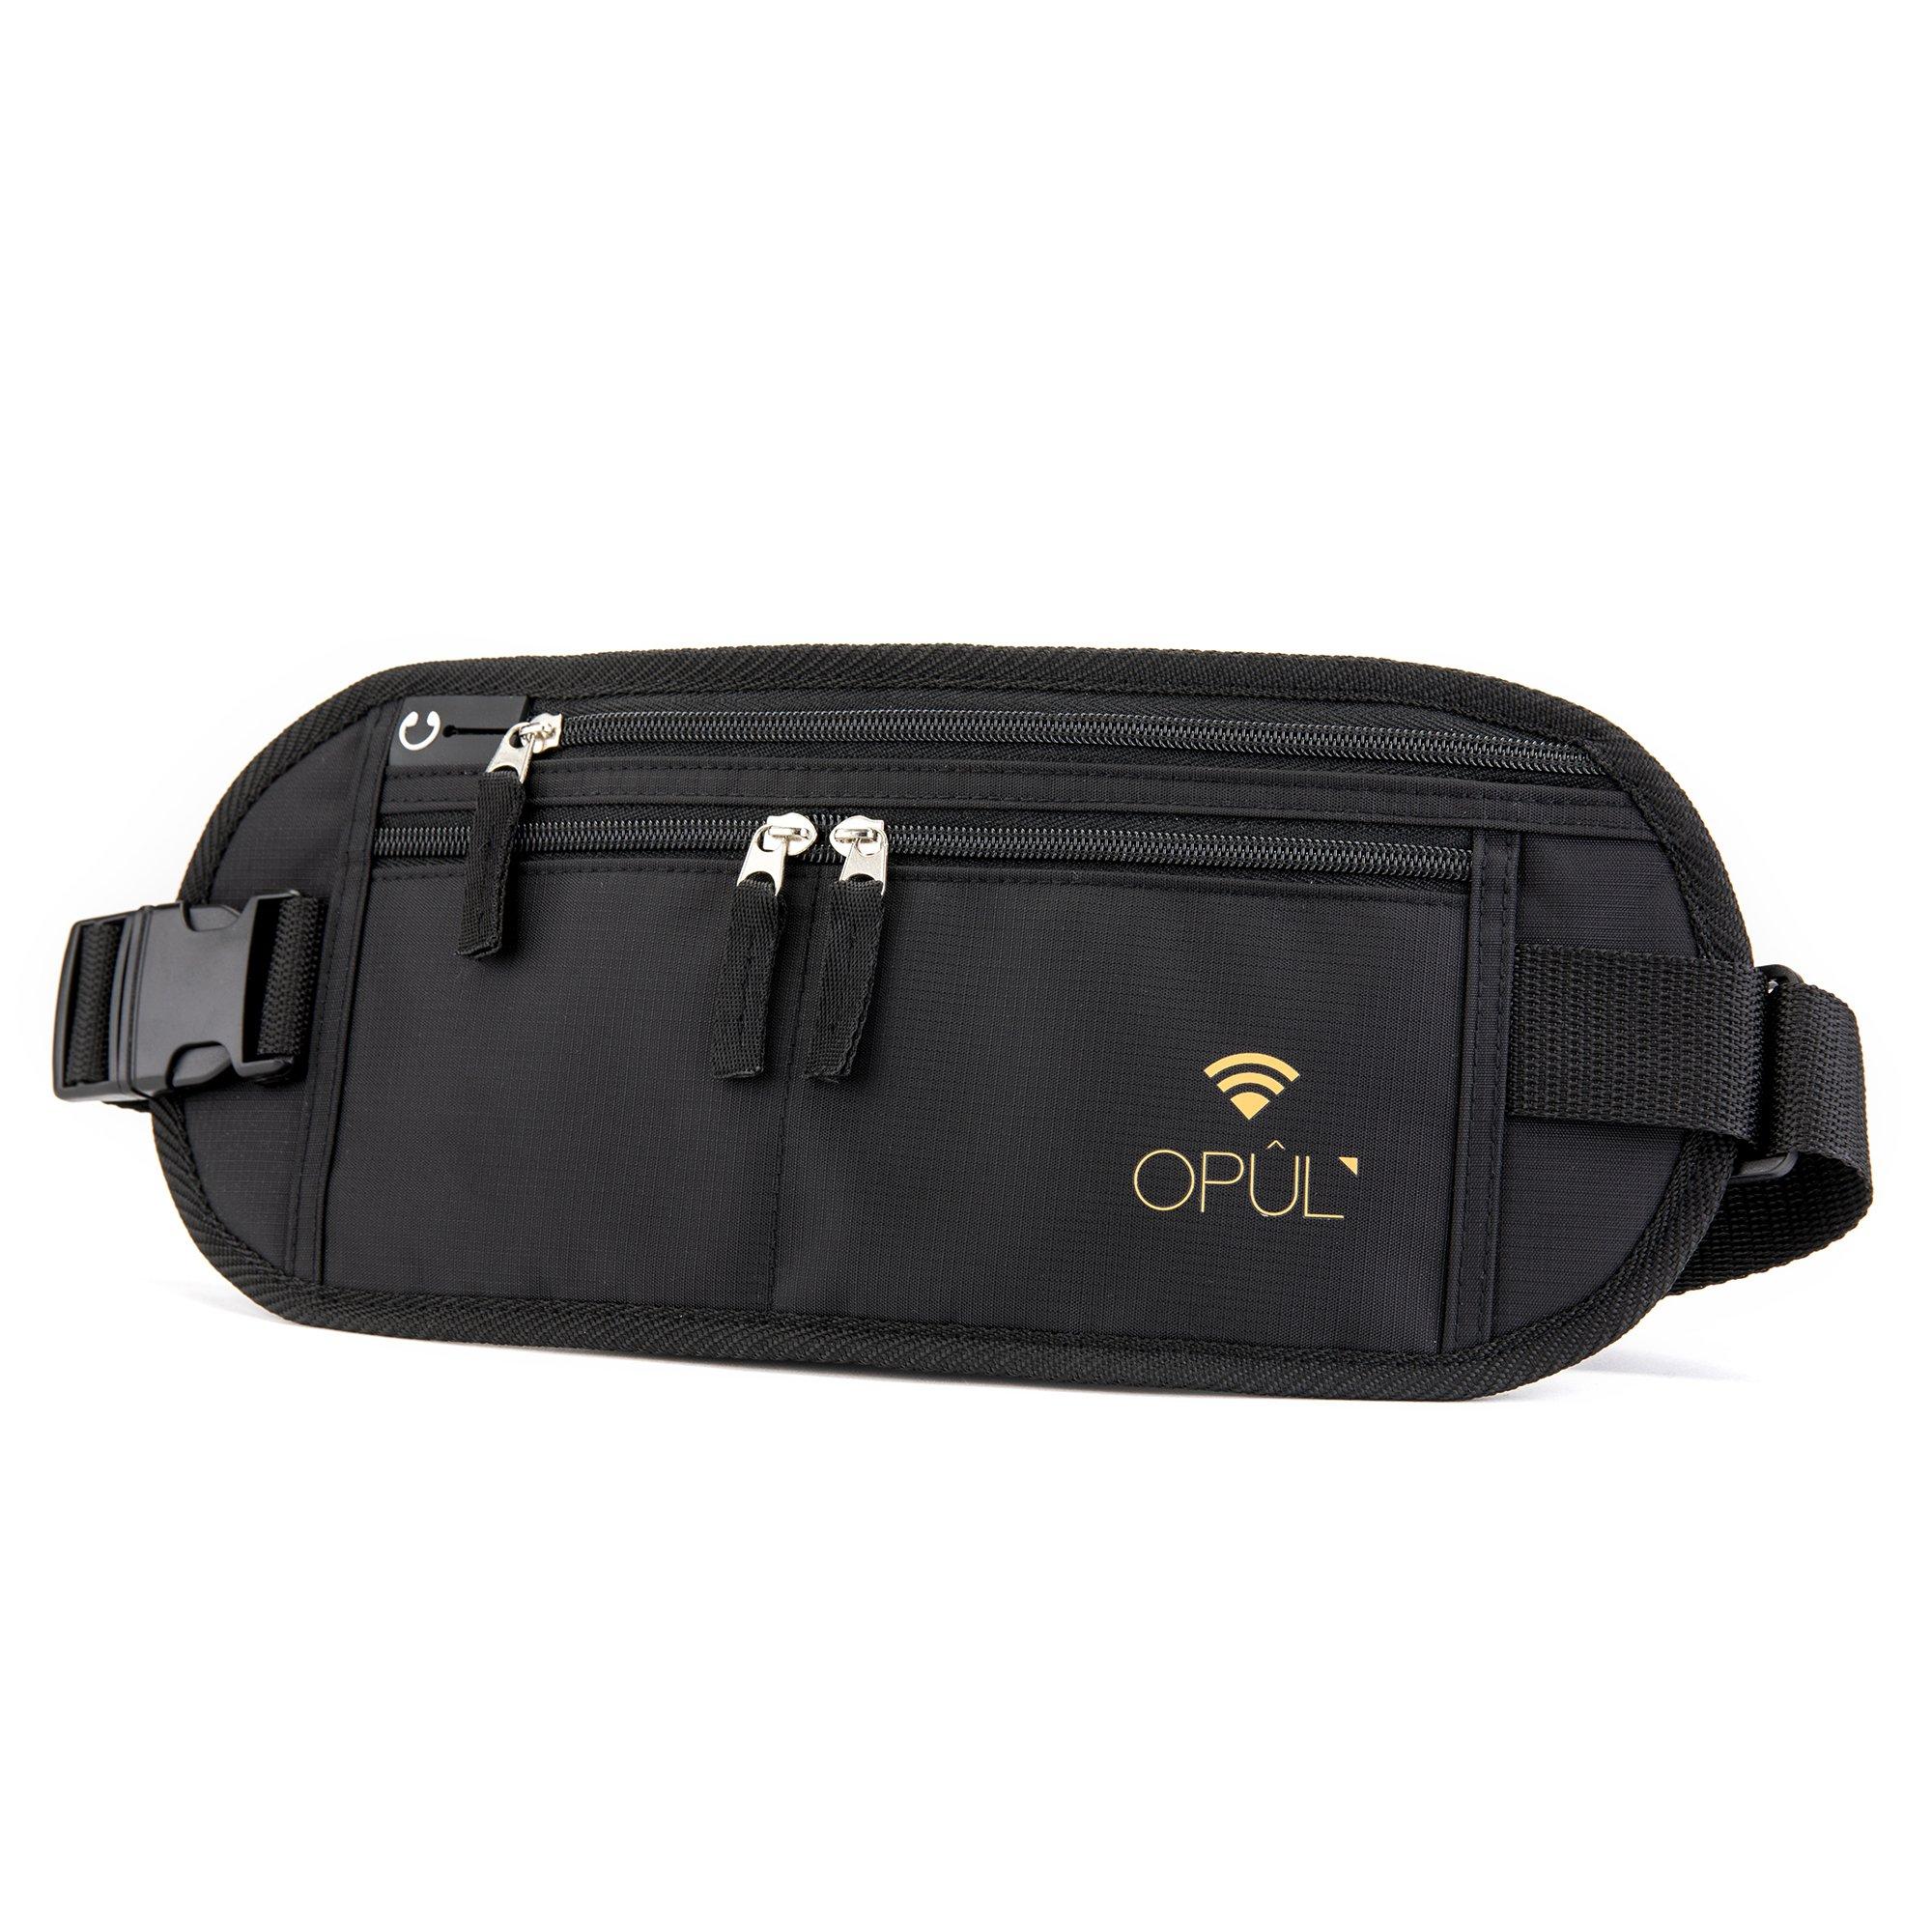 Opul Riñonera Antirrobo para el Dinero y Pasaporte - Cinturon Monedero de Viaje - Fácil de Esconder Cintura Bolso para Viajar, Correr y Senderismo - Riñonera Deportiva para Hombre y Mujer